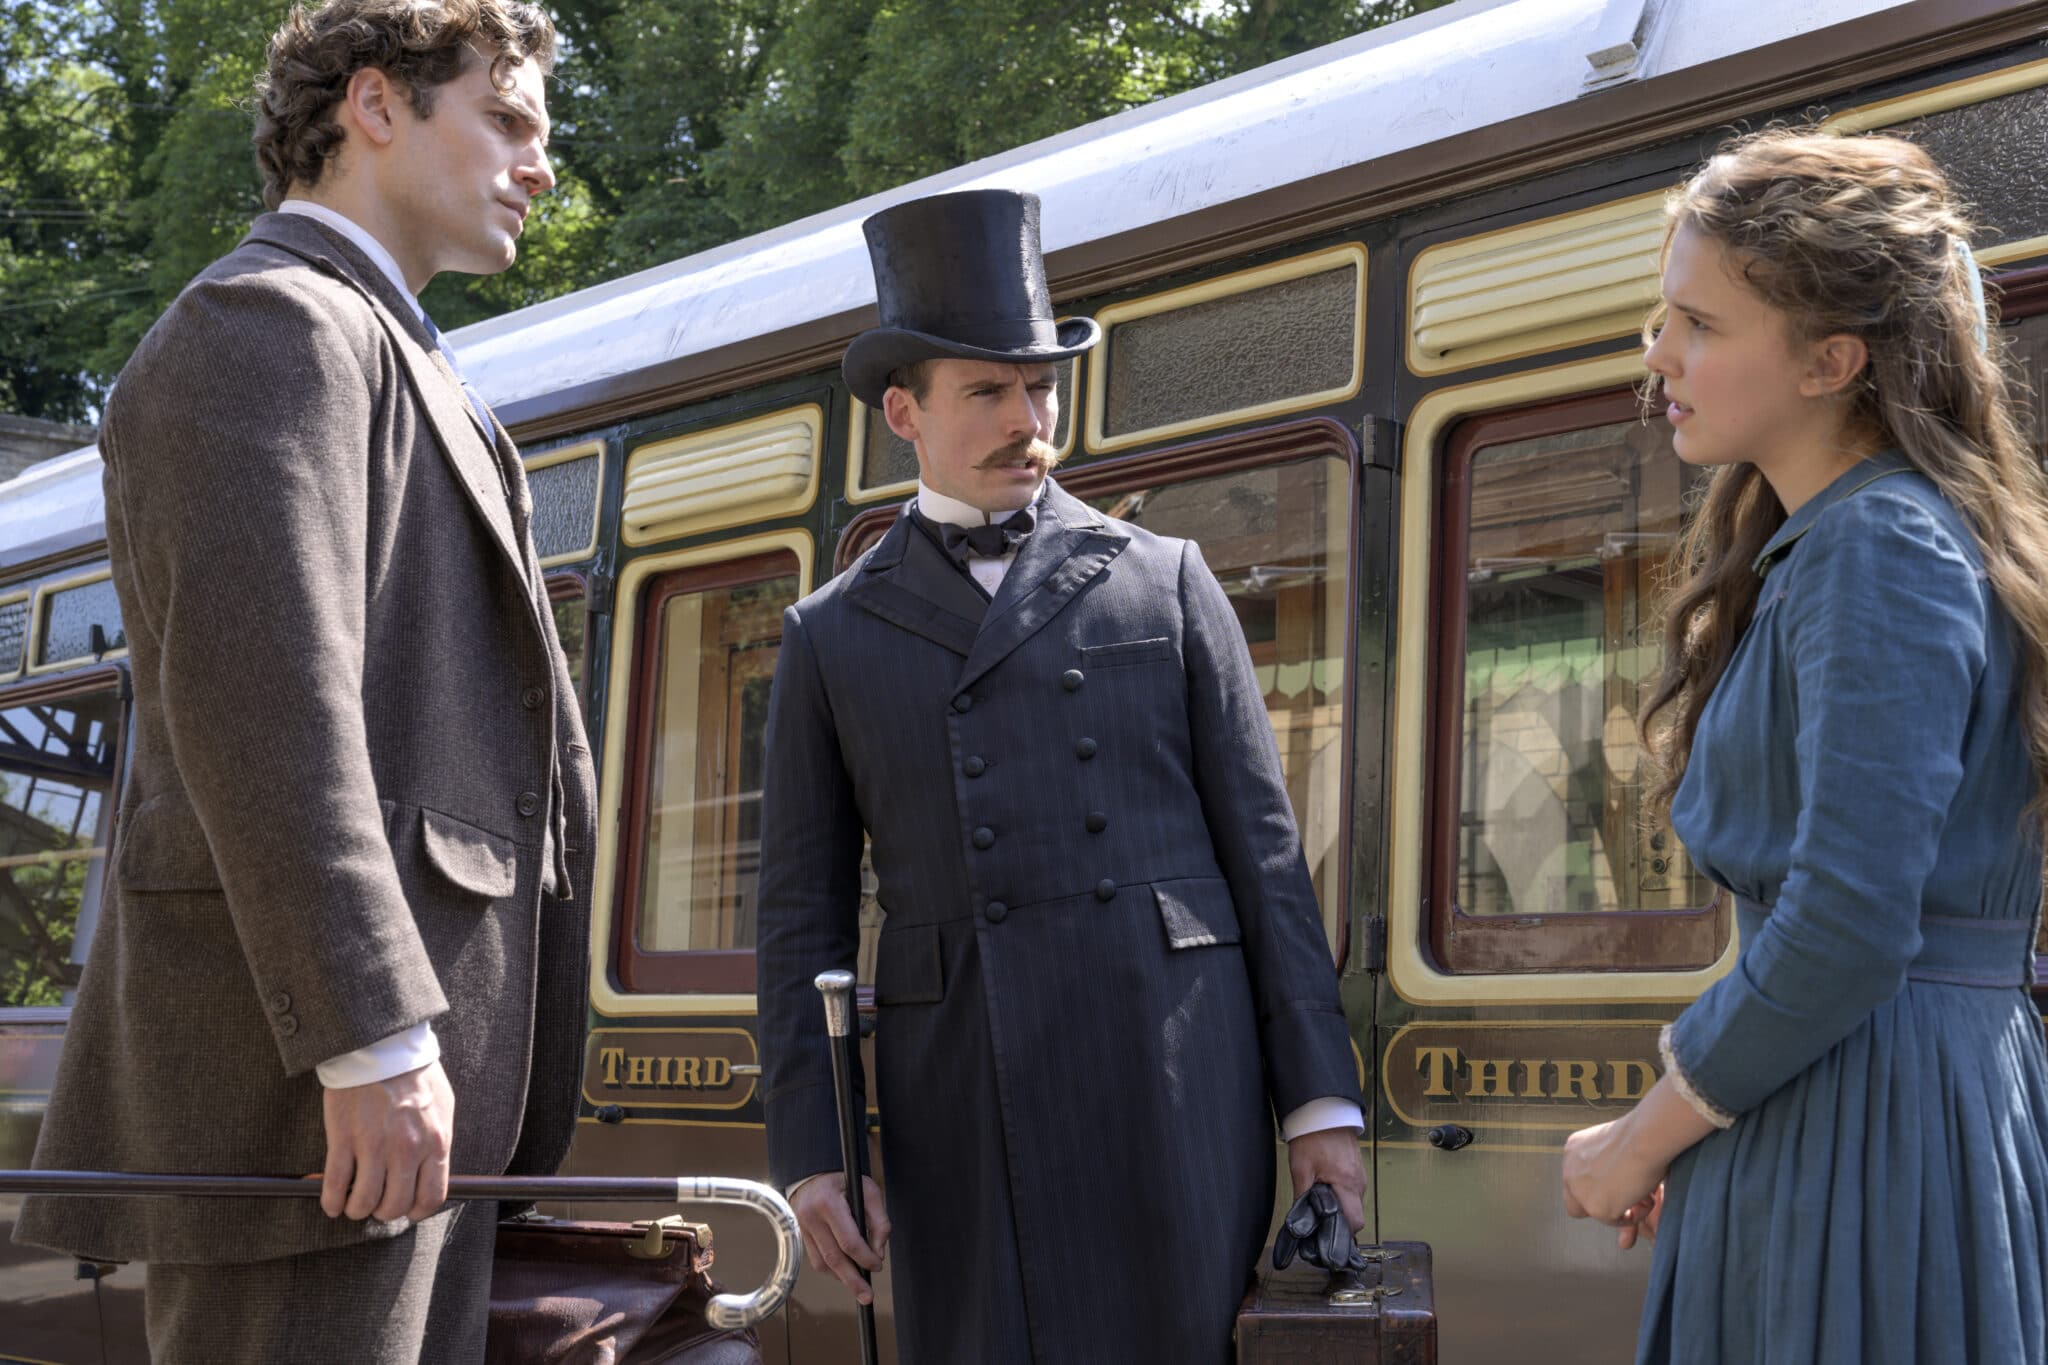 Enola steht mit ihren zwei Brüdern vor einem Zug, alle drei haben einen unsicheren Blick, Sherlock und Mycroft tragen Gehstöcke und Koffer in ihren Händen